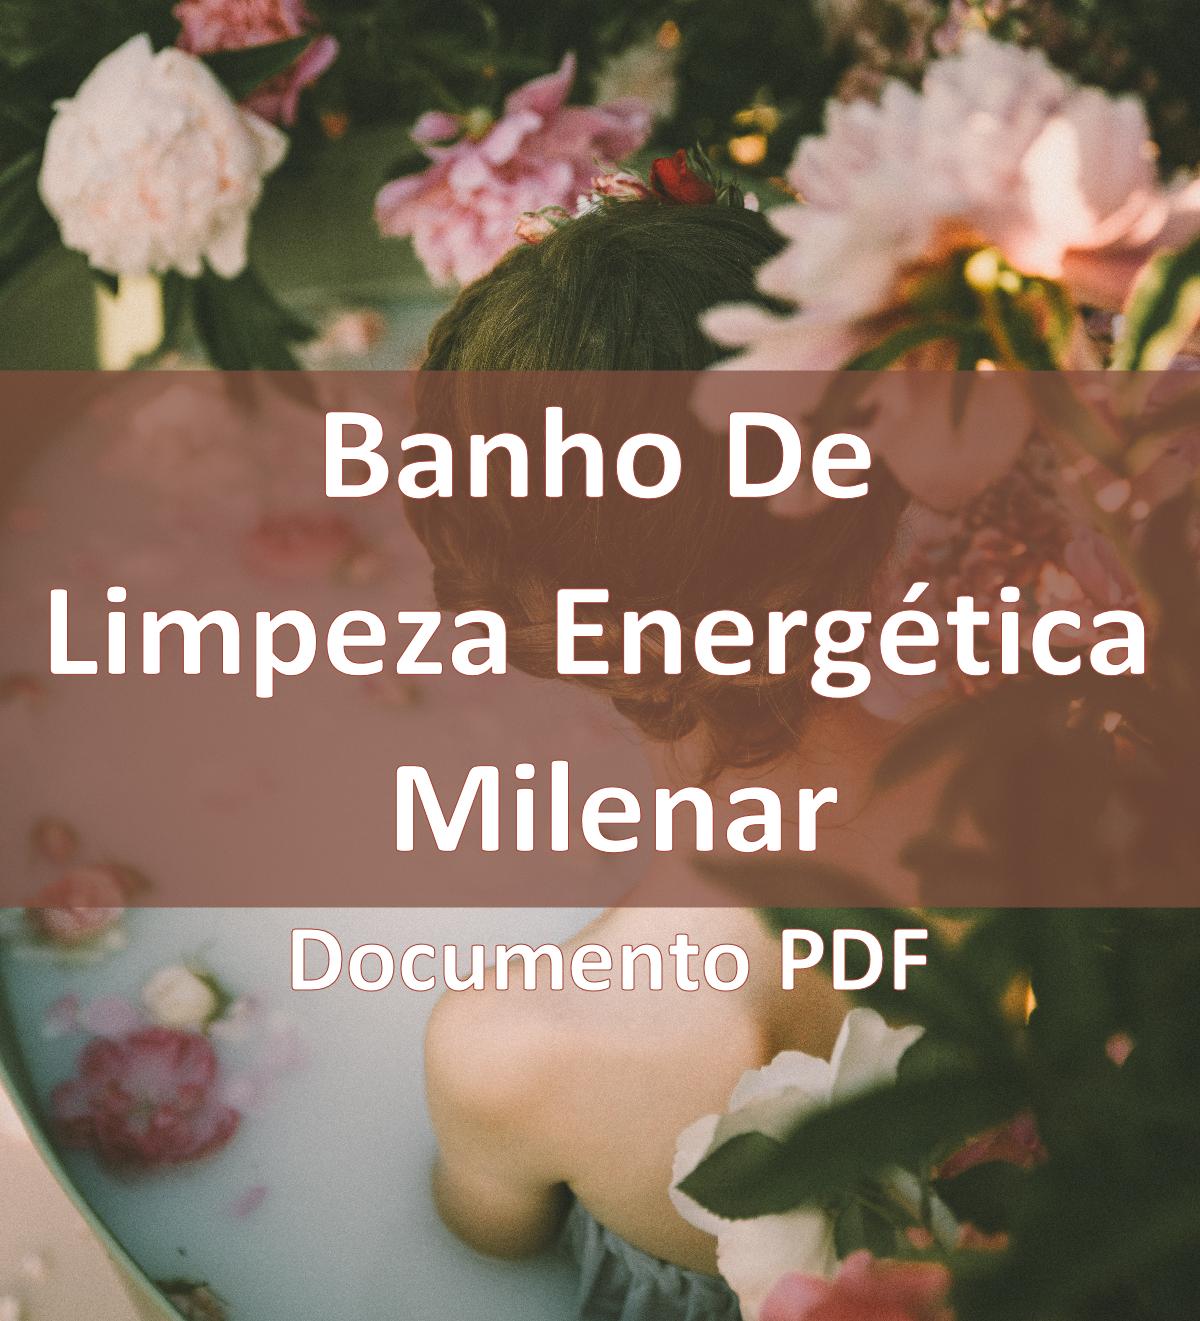 Cópia de eBook Documento - Banho de Limpeza Energética Milenar Caseiro